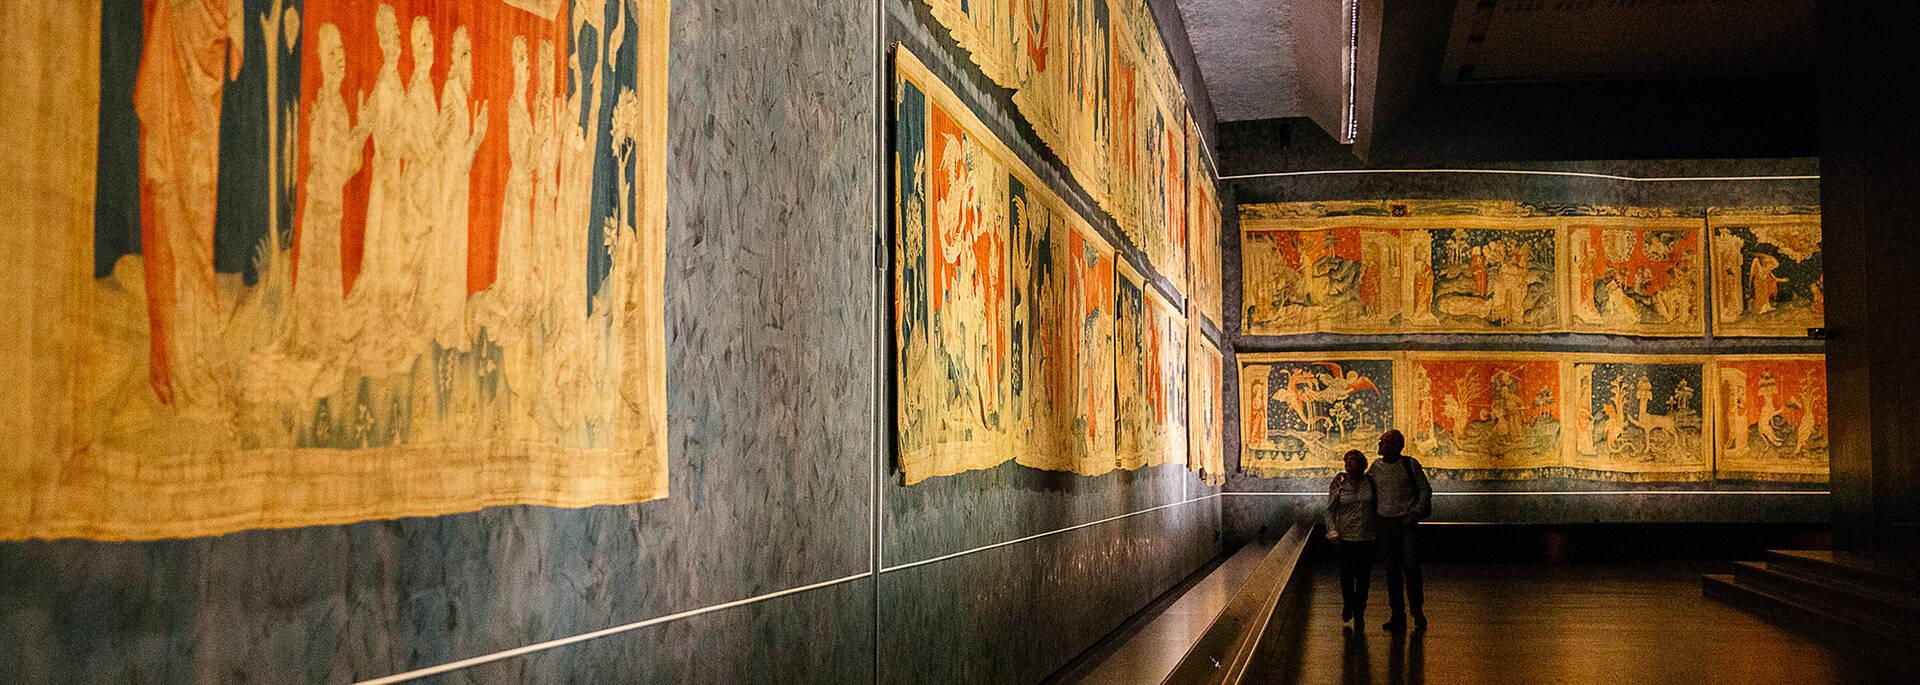 La tenture de l'Apocalypse à retrouver au sein du Château d'Angers © les conteurs